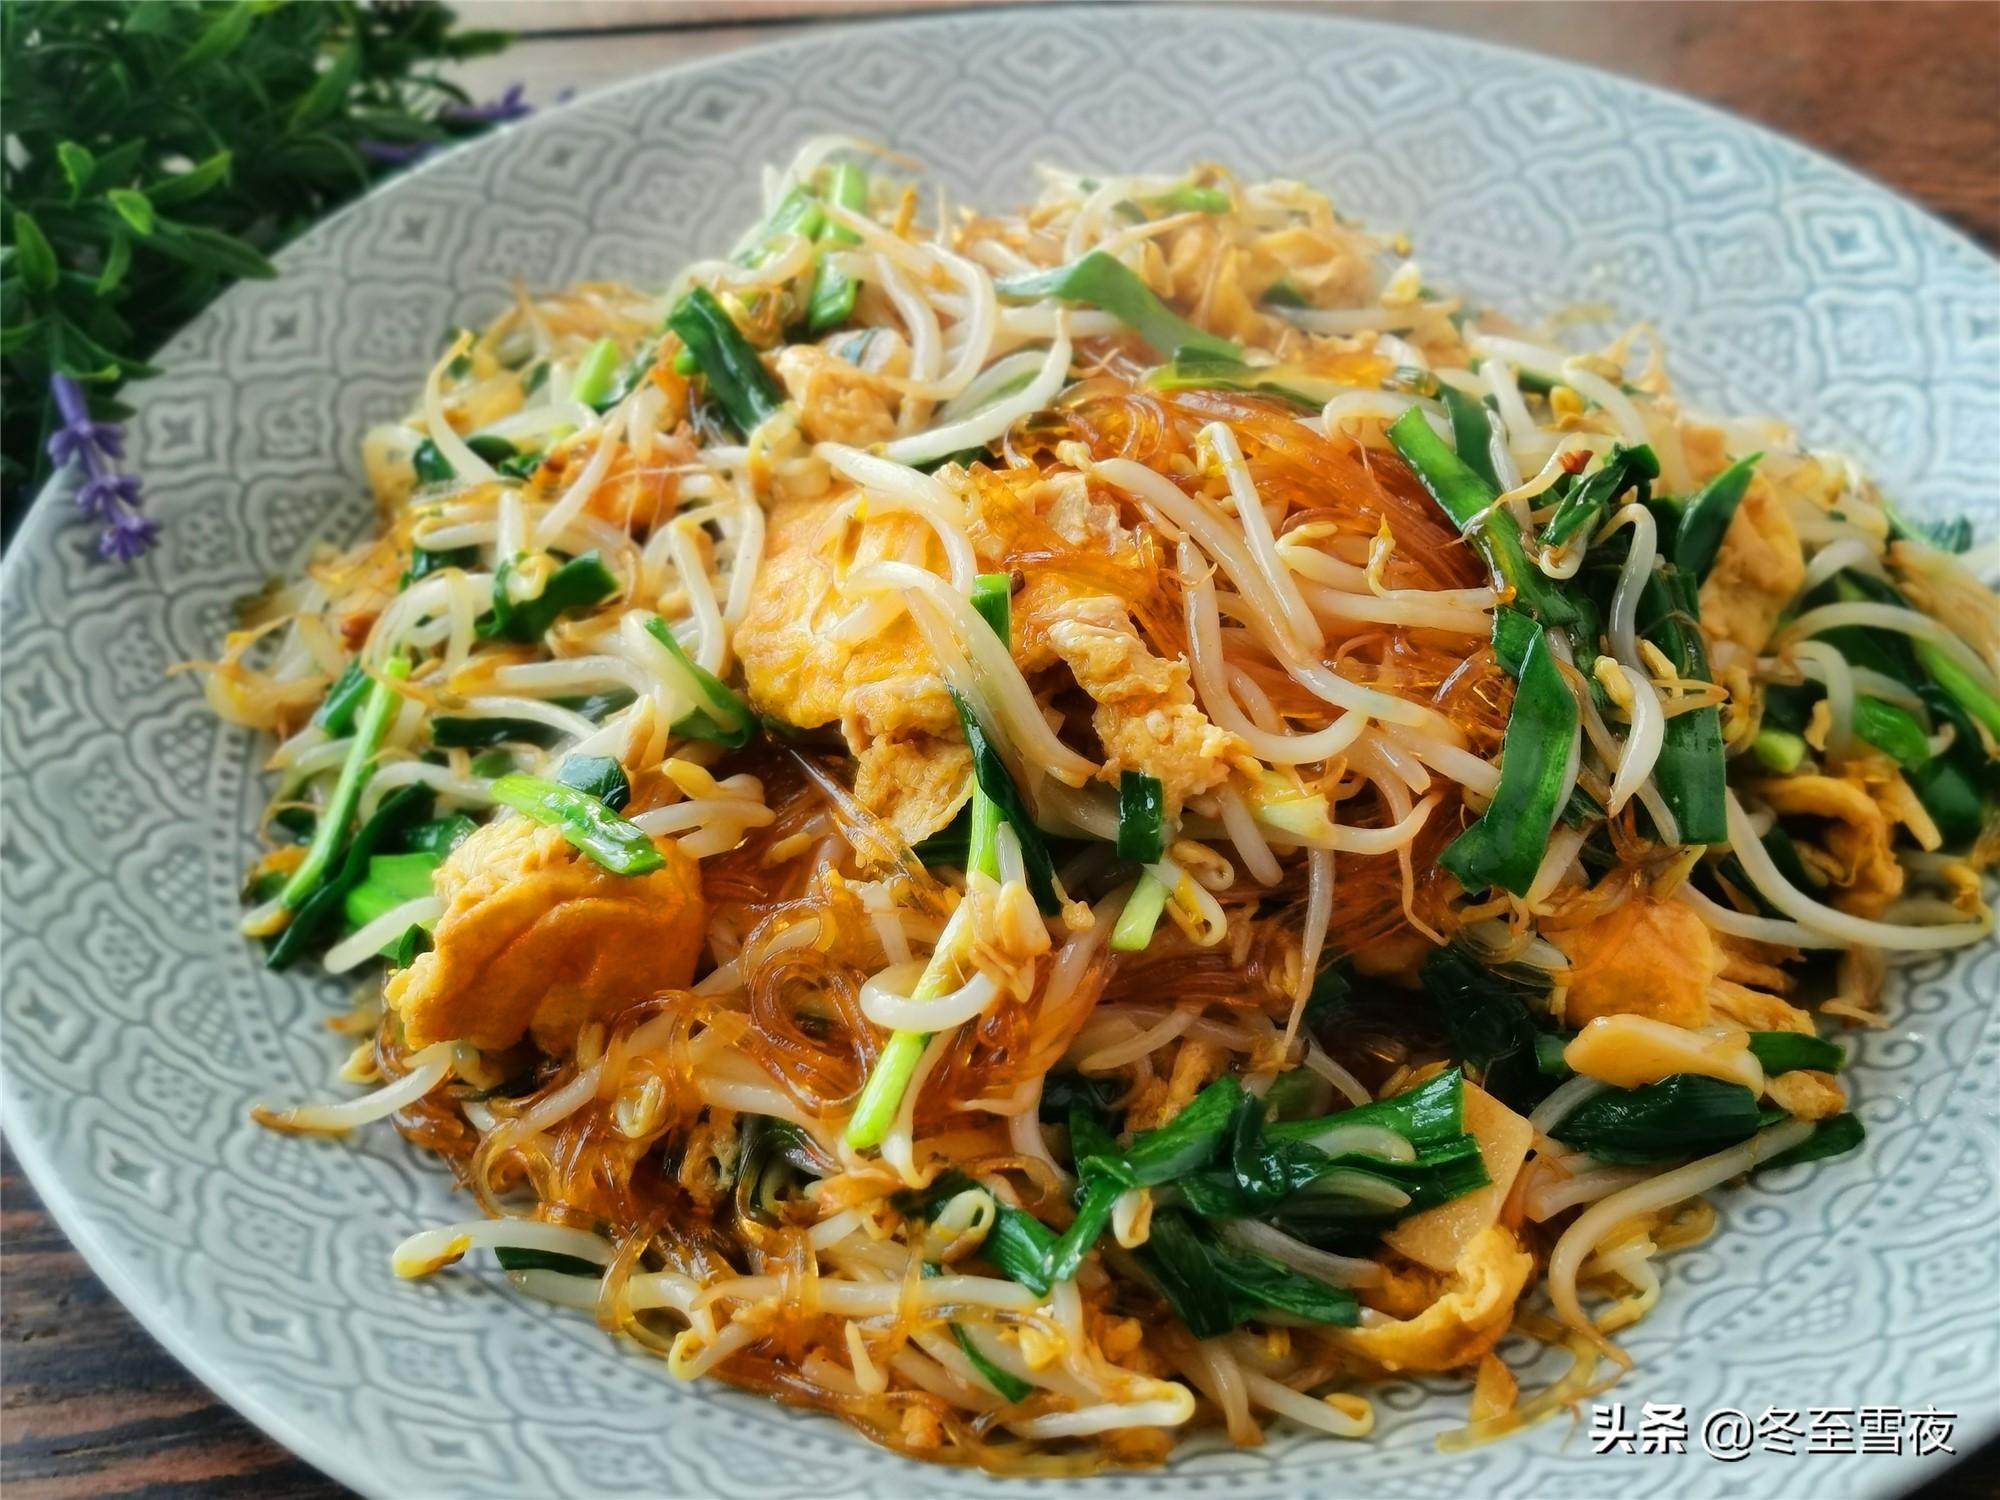 春季易上火,家里常吃这几种蔬菜,清火祛春燥 美食做法 第1张